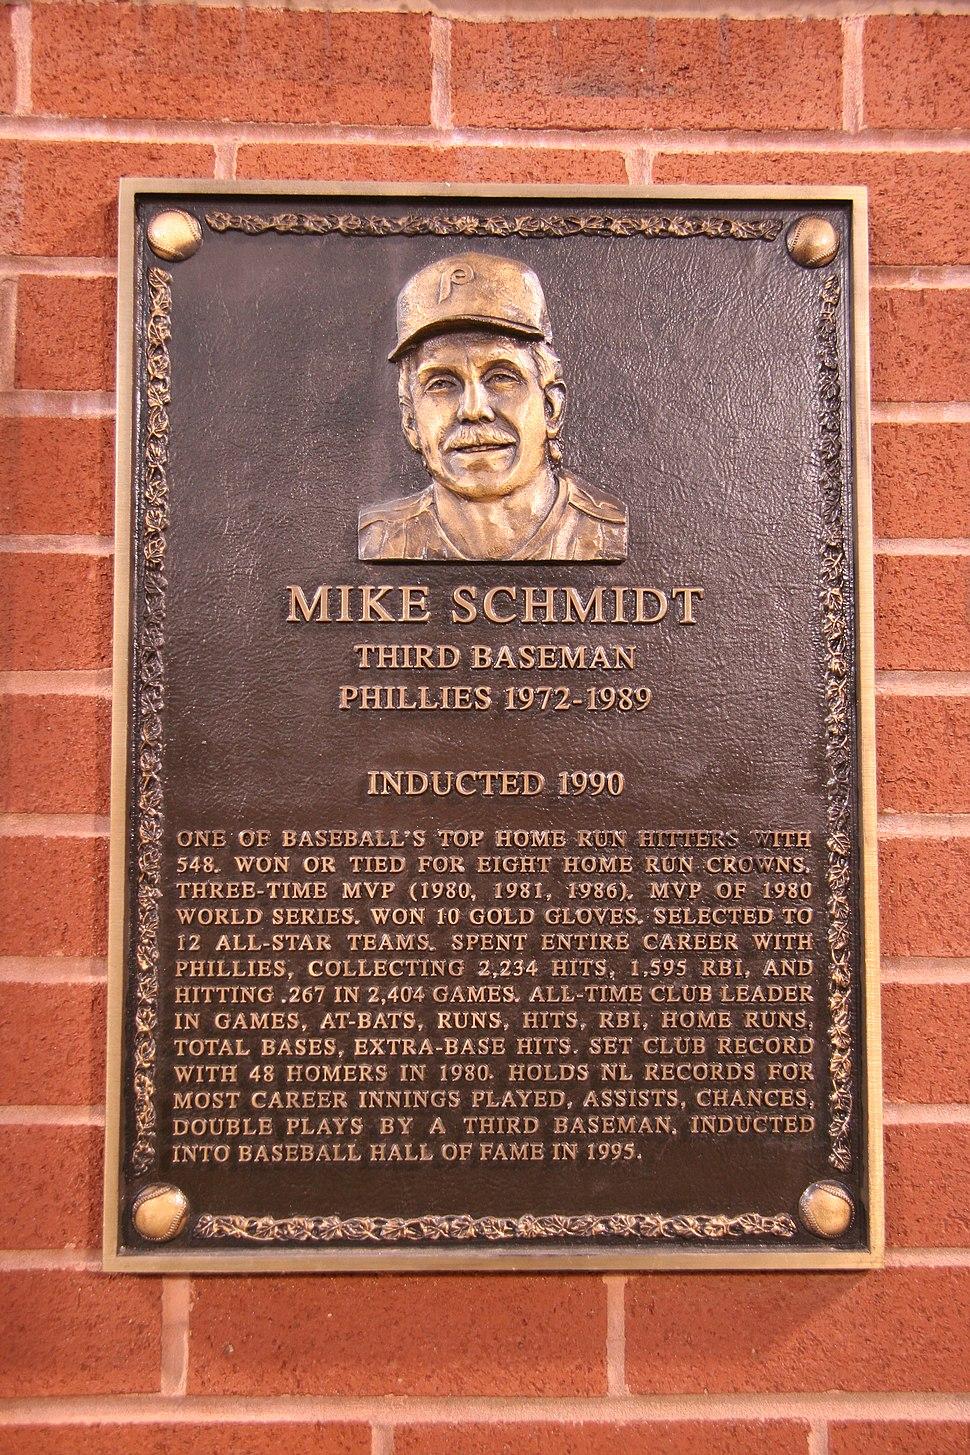 Mike Schmidt plaque